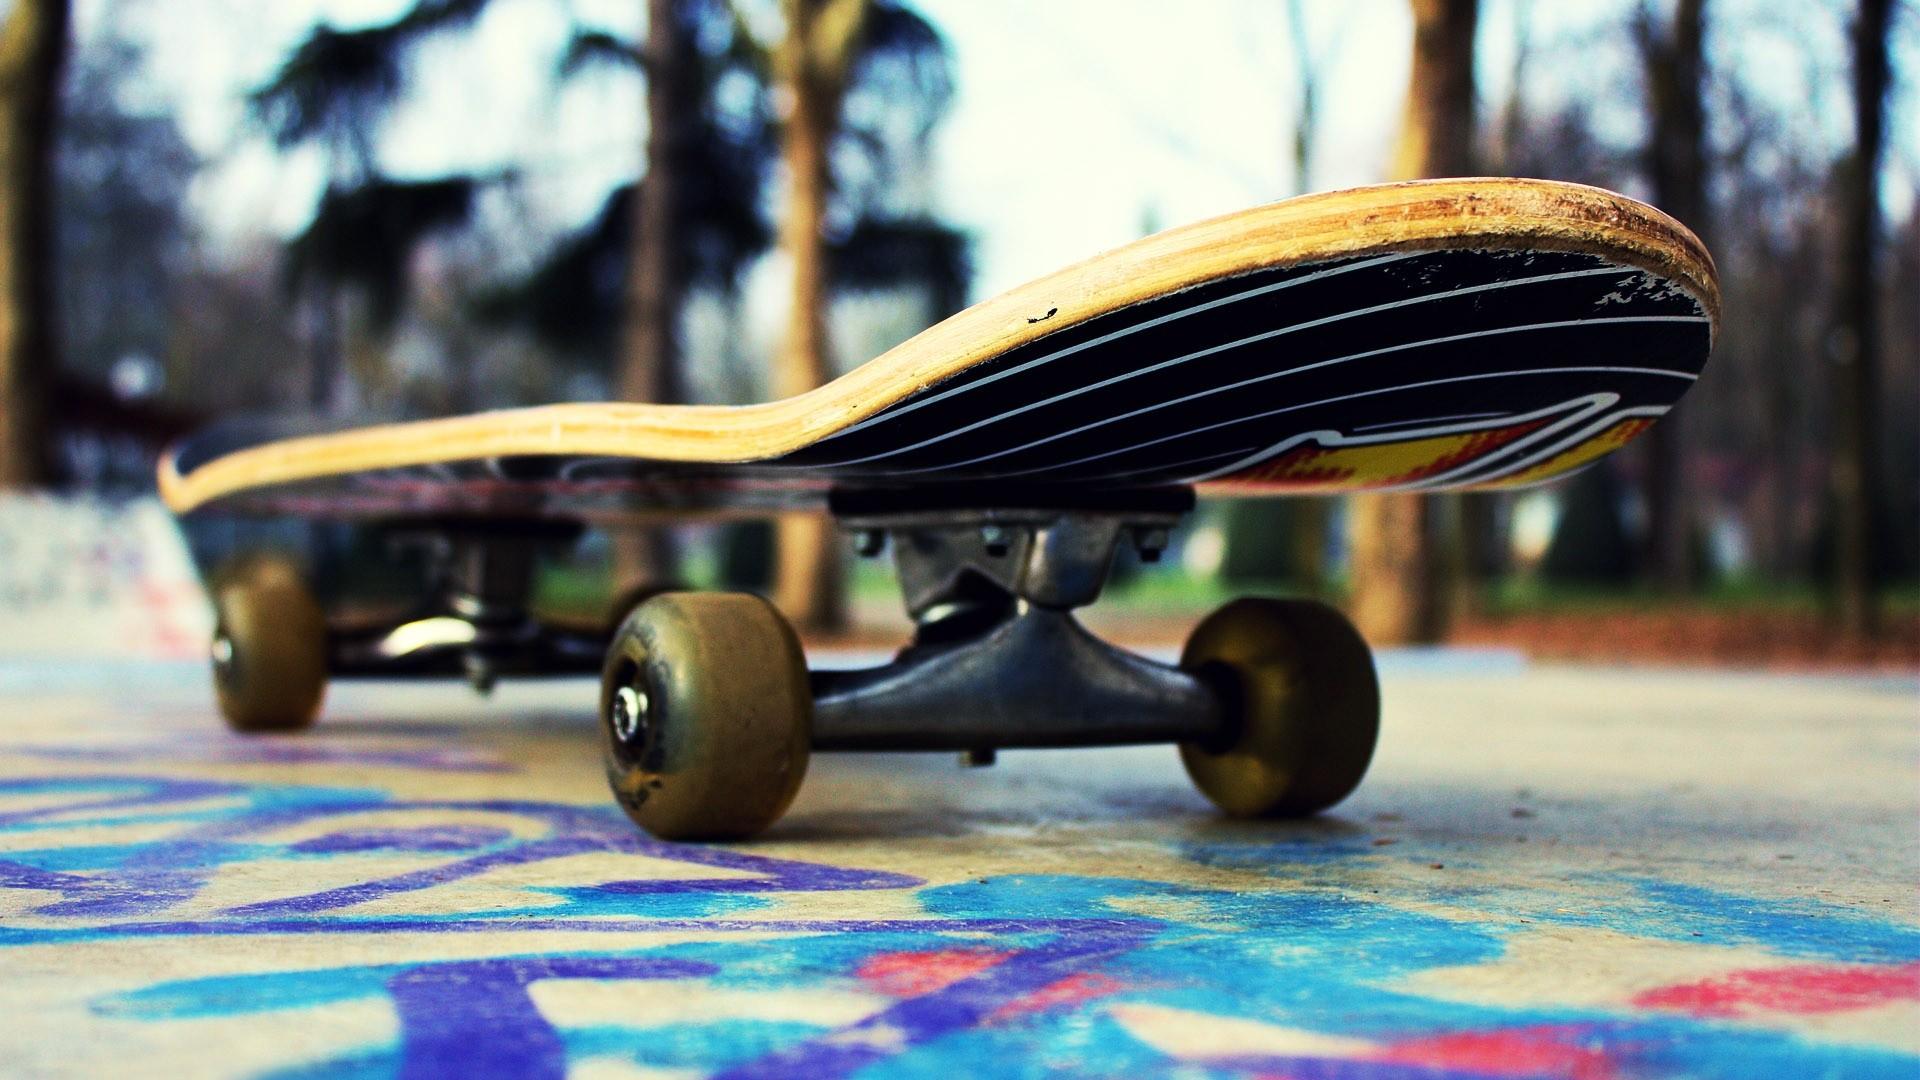 Un skate - 1920x1080